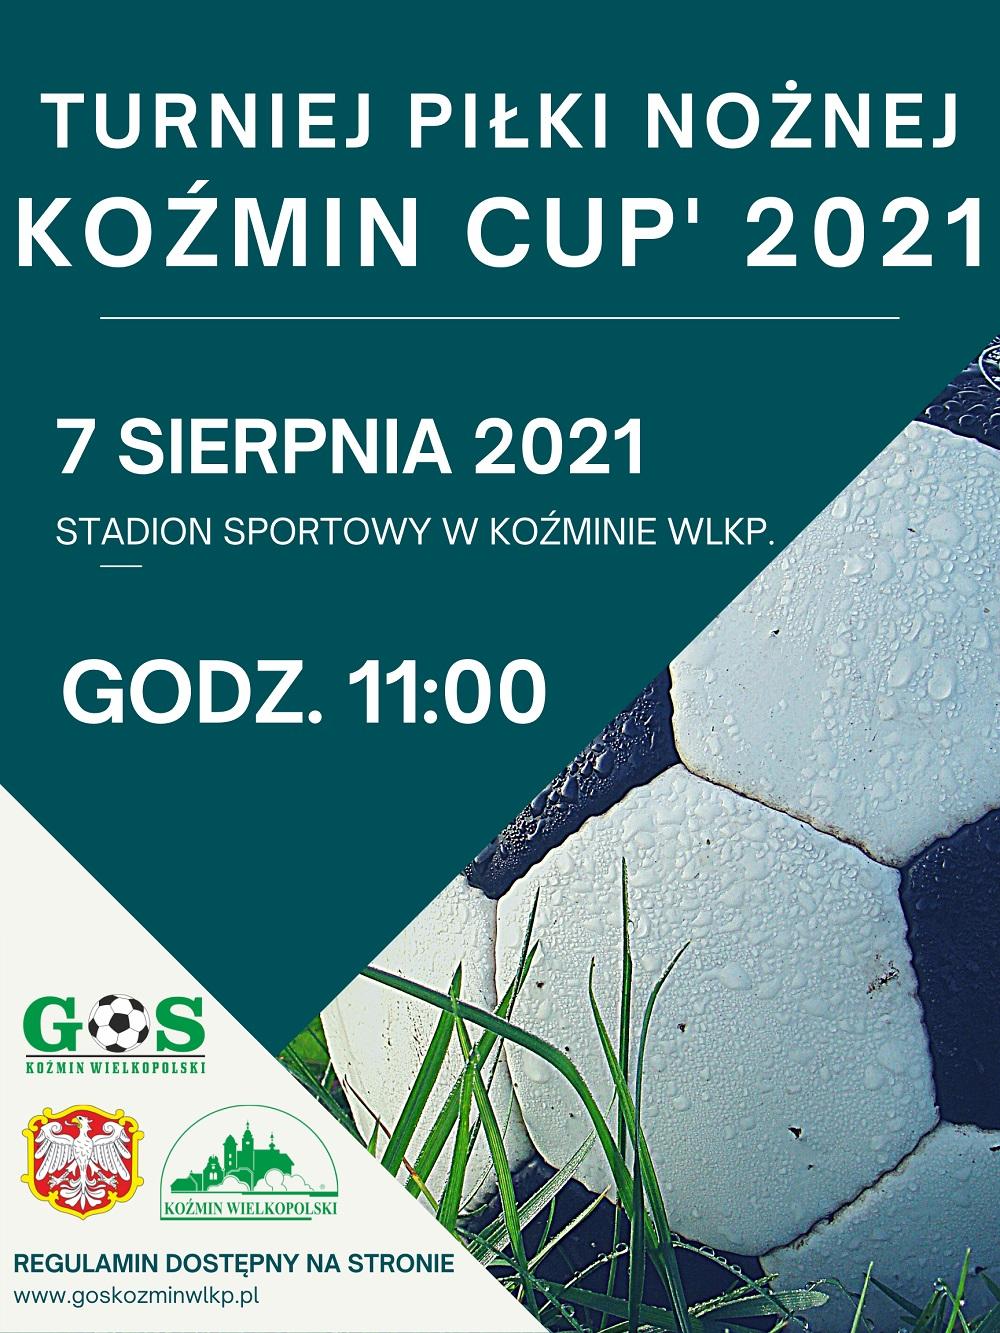 KOŹMIN CUP FOTO